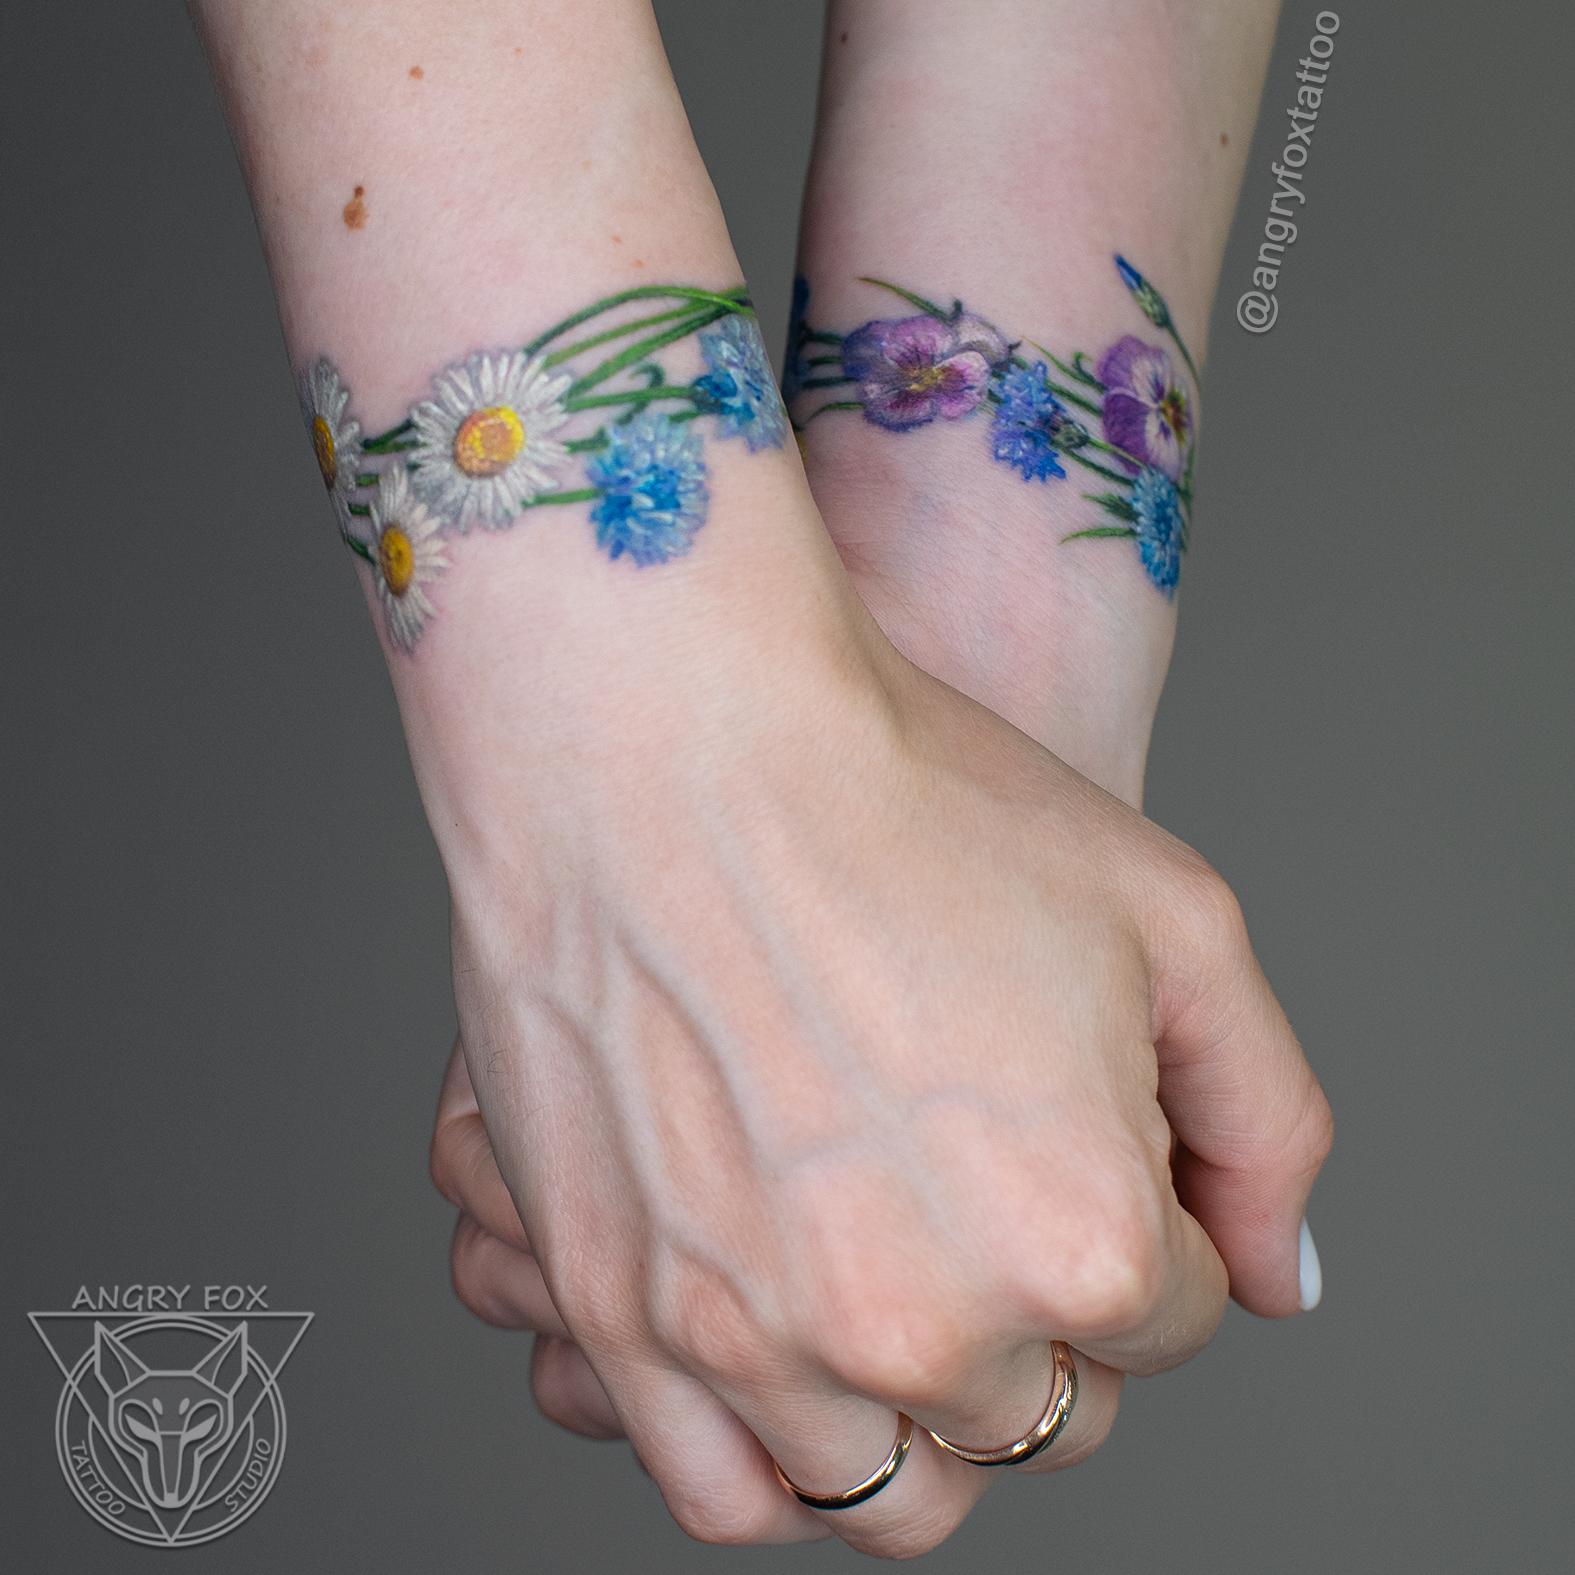 Татуировка, тату, запястье, рука, цветок, цветы, ромашка, василек, анютины глазки, девушка, полевыеТатуировка, тату, запястье, рука, цветок, цветы, ромашка, василек, анютины глазки, девушка, полевые, реализм